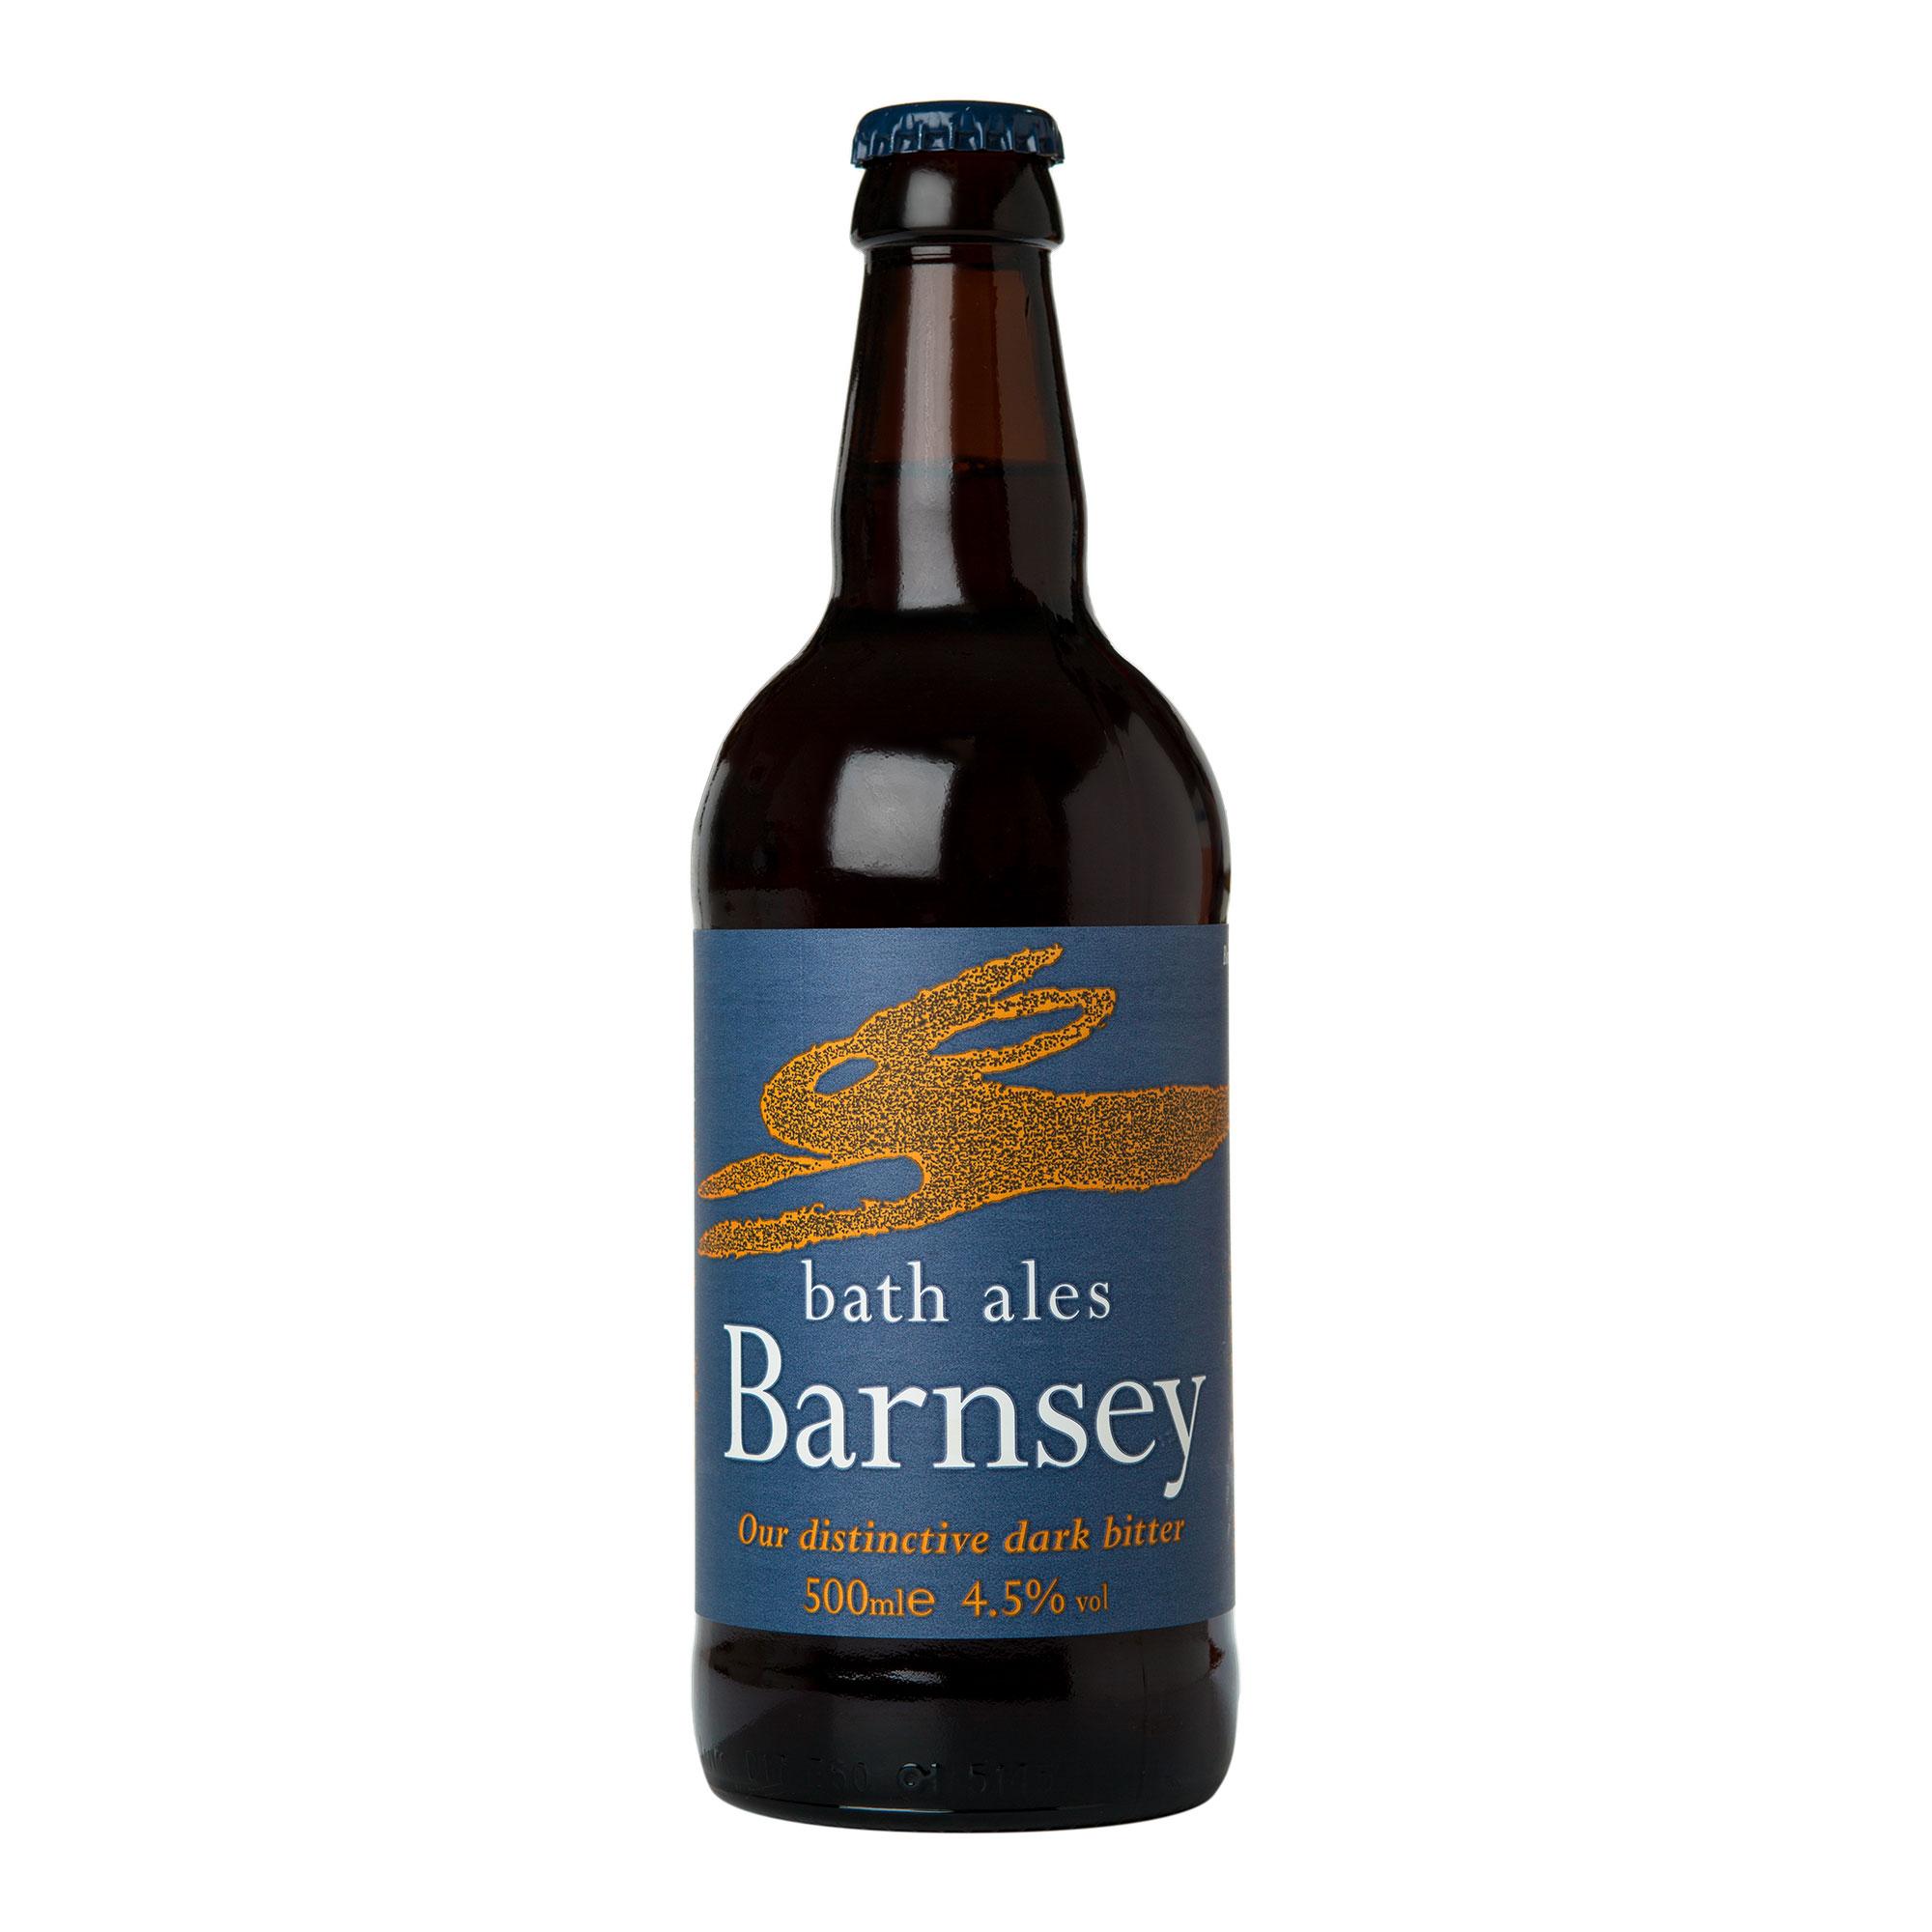 Bath Ales Barnsey